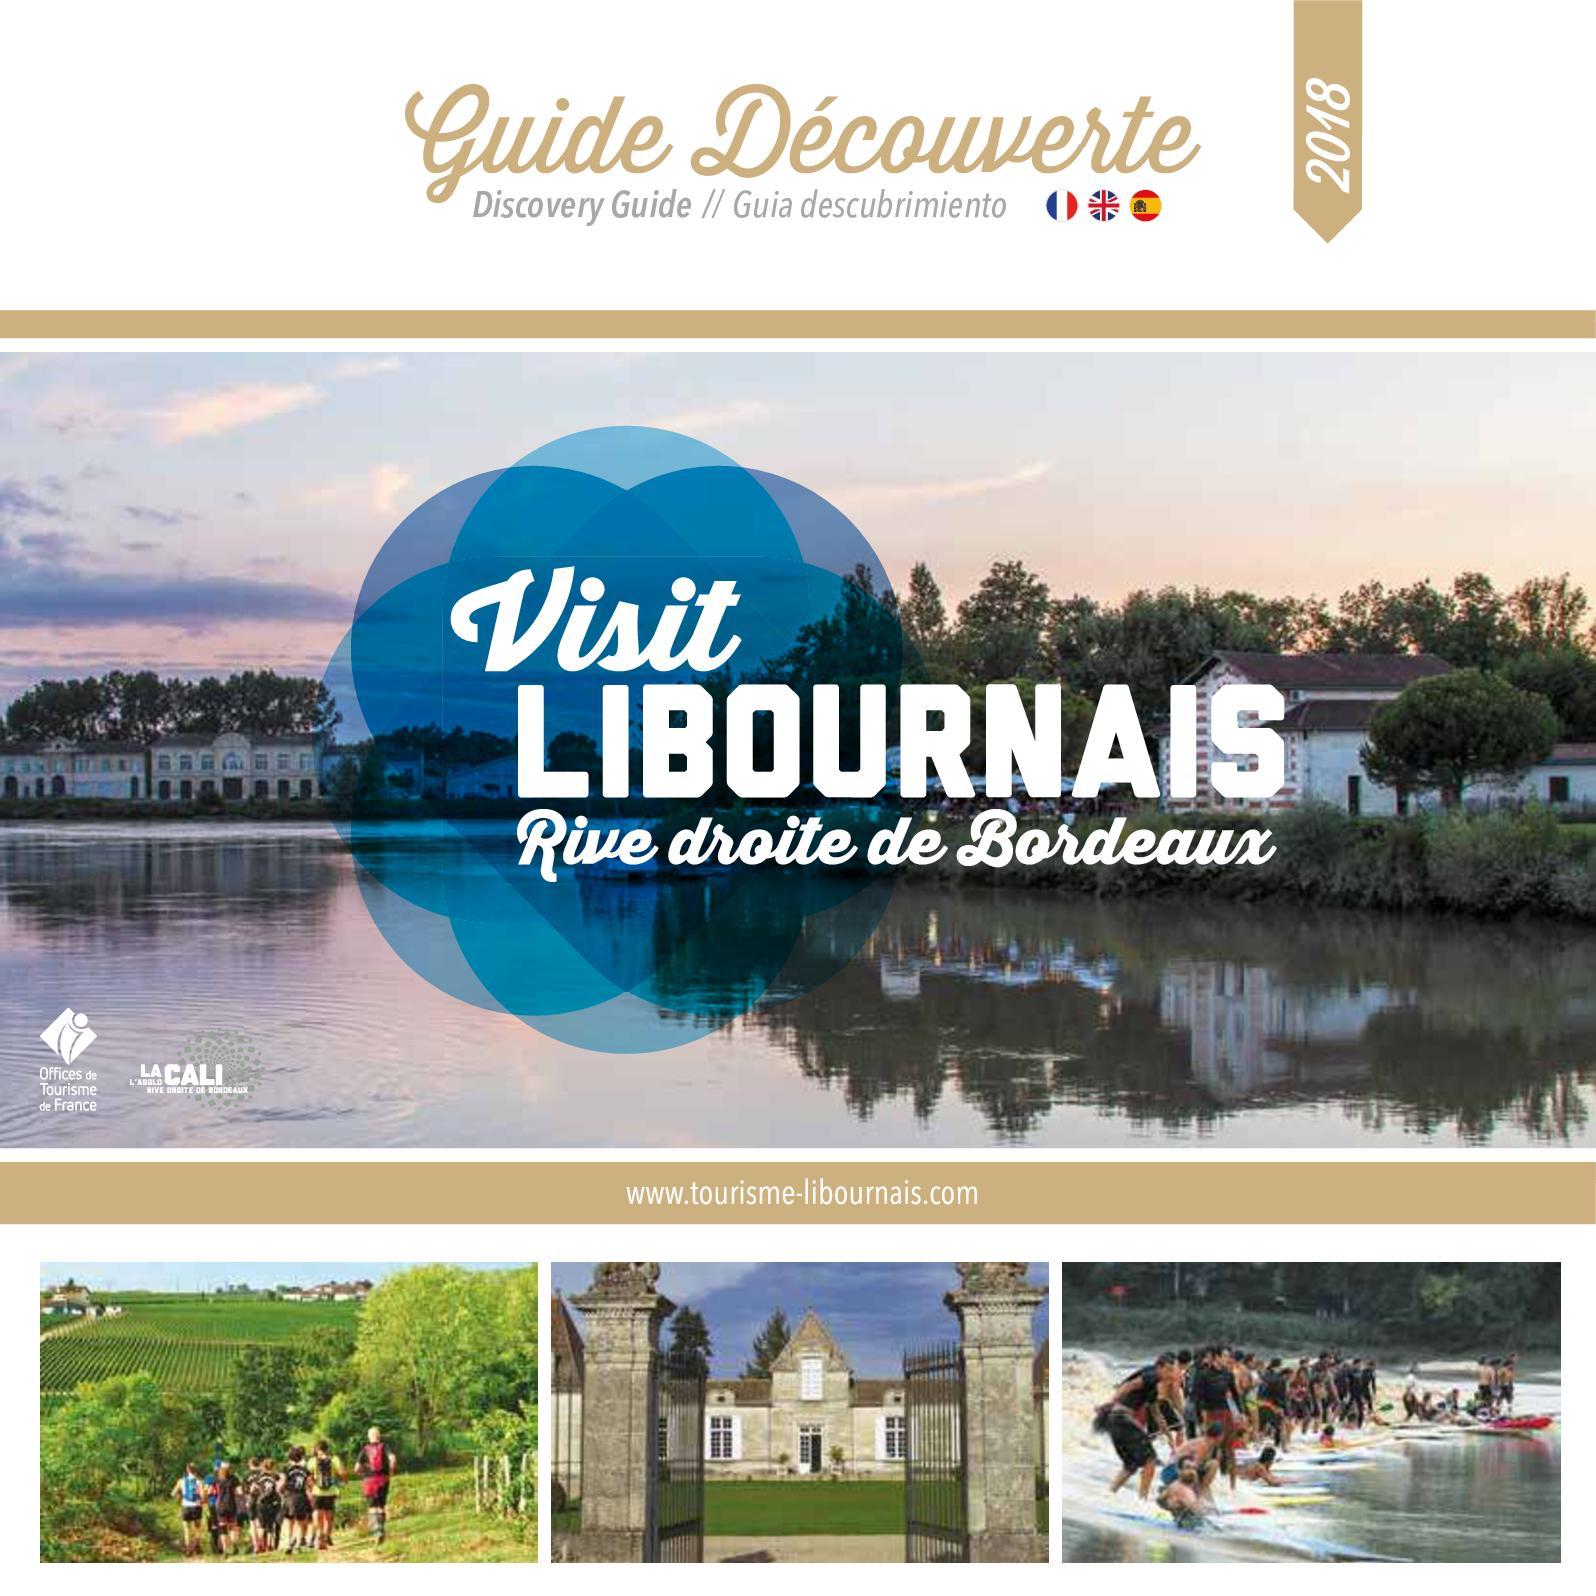 Calaméo - Guide Découverte 2018